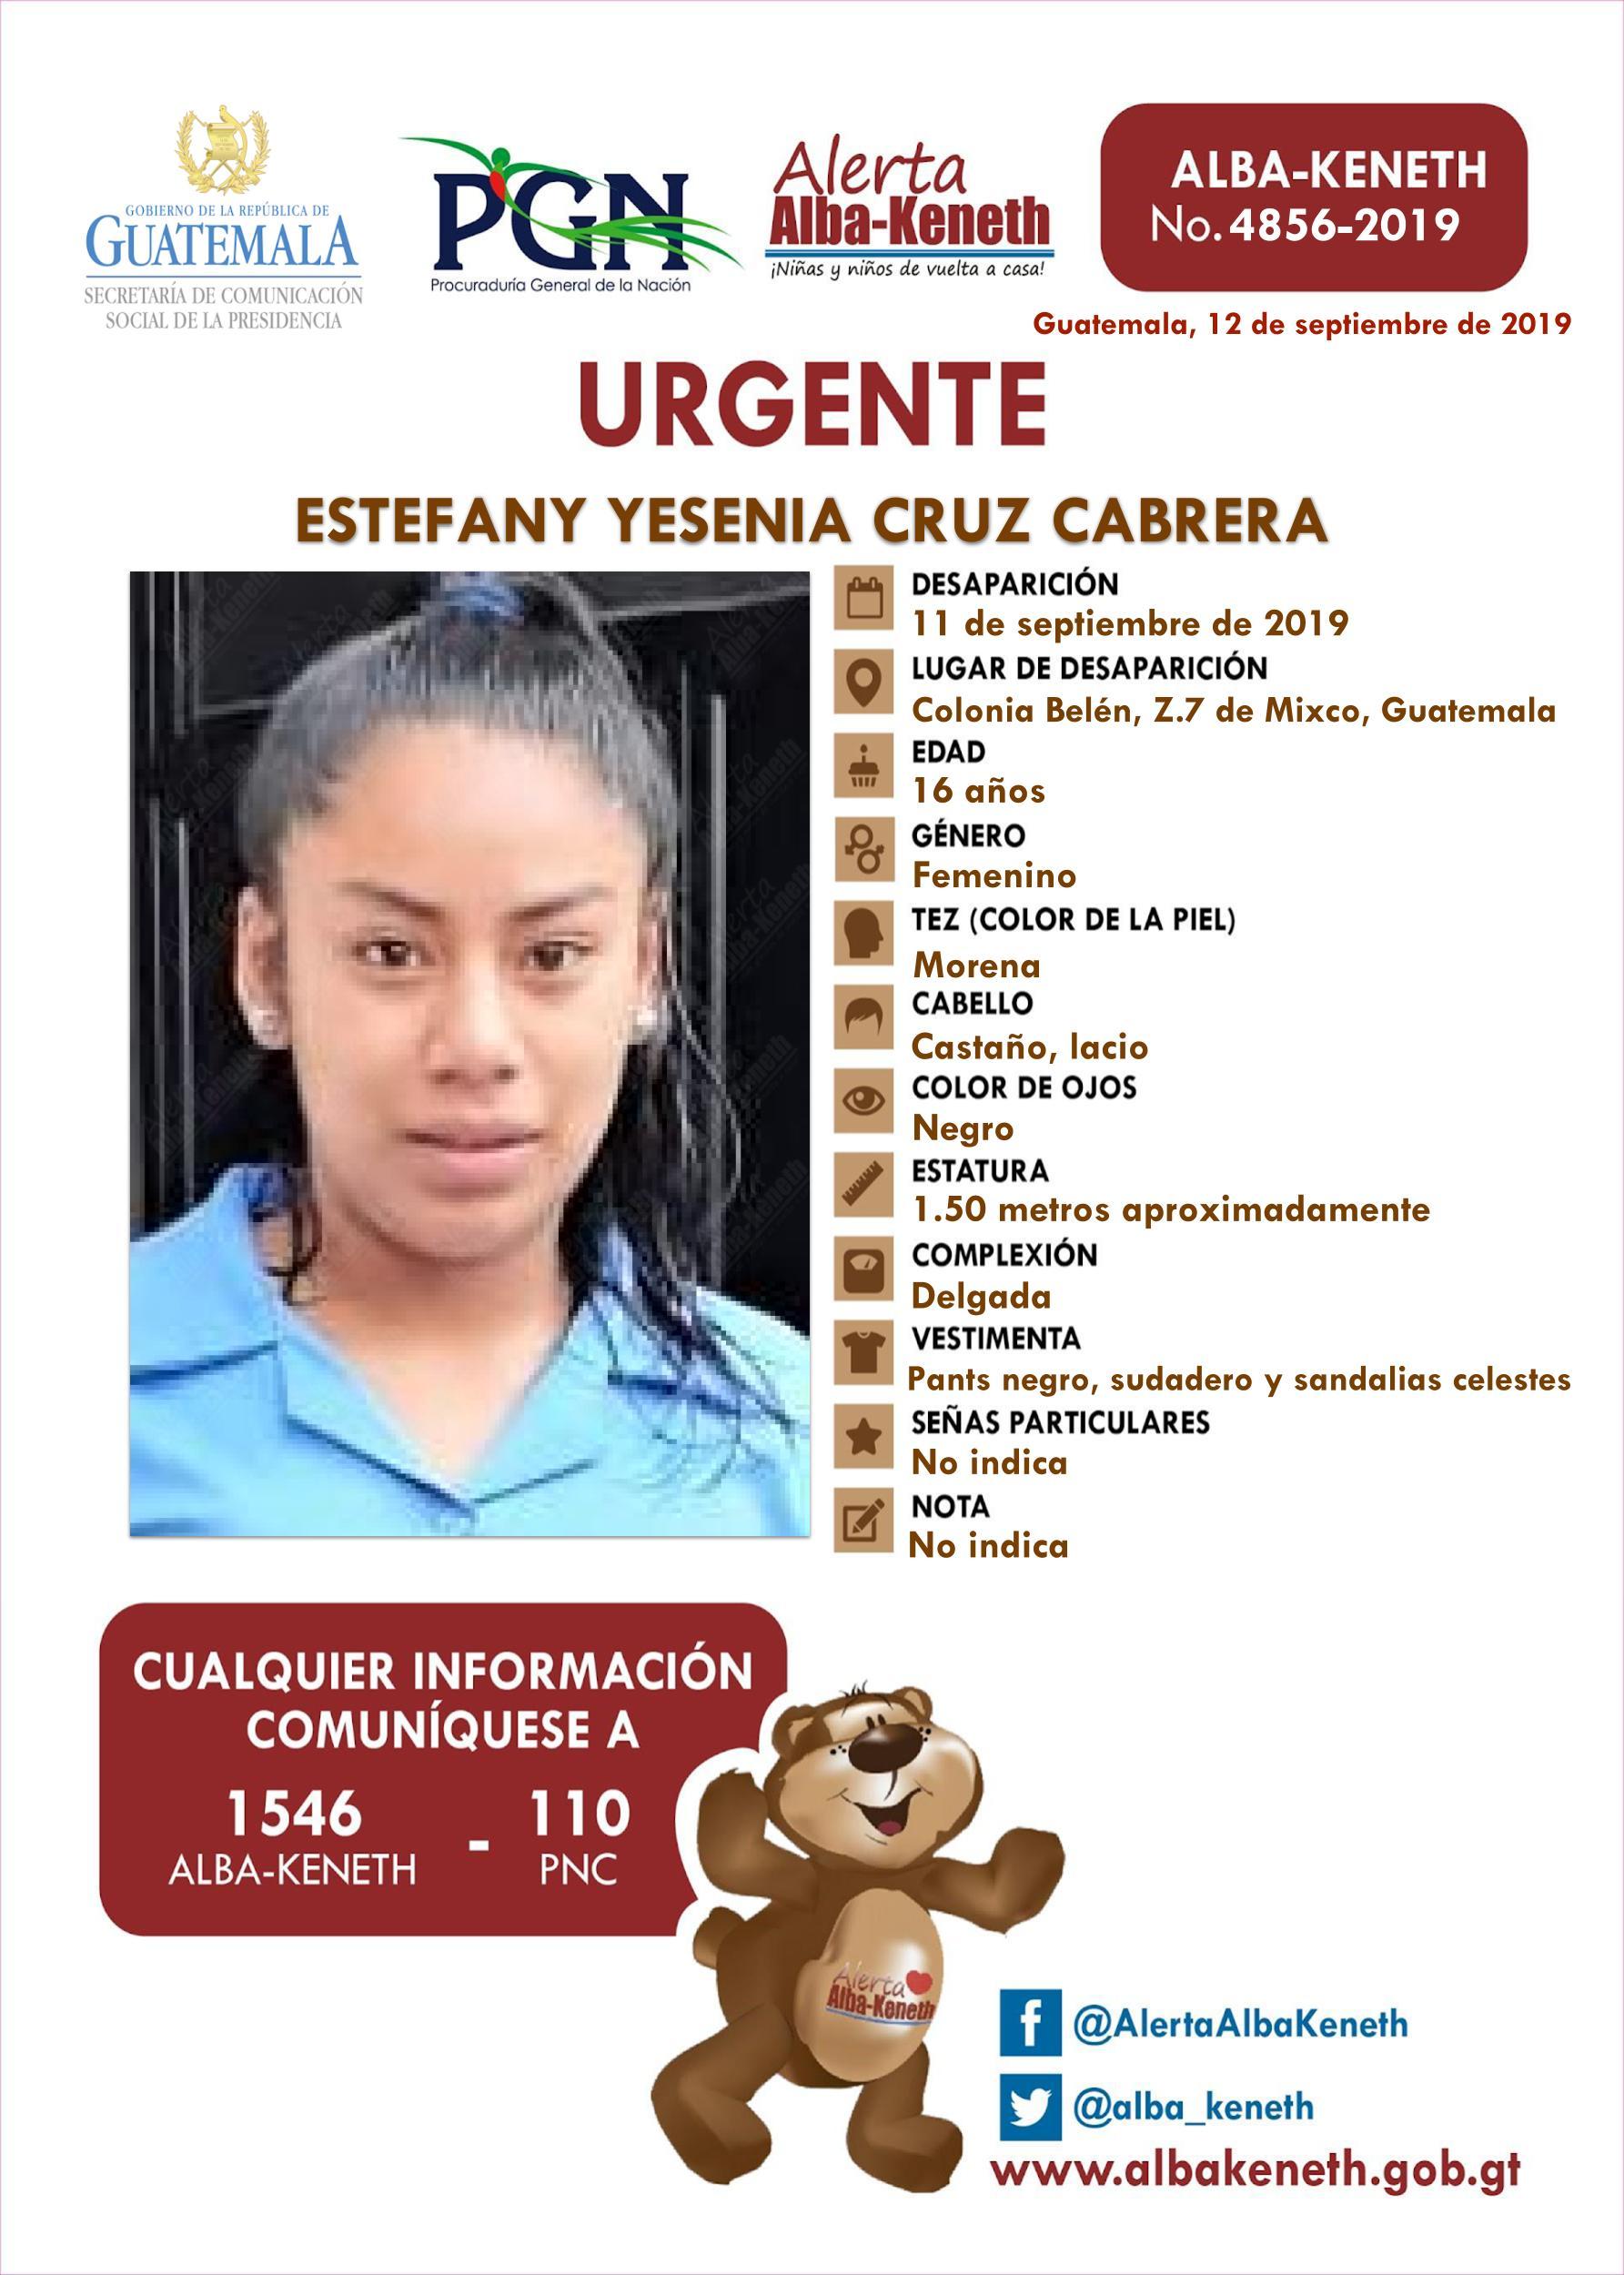 Estefany Yesenia Cruz Cabrera